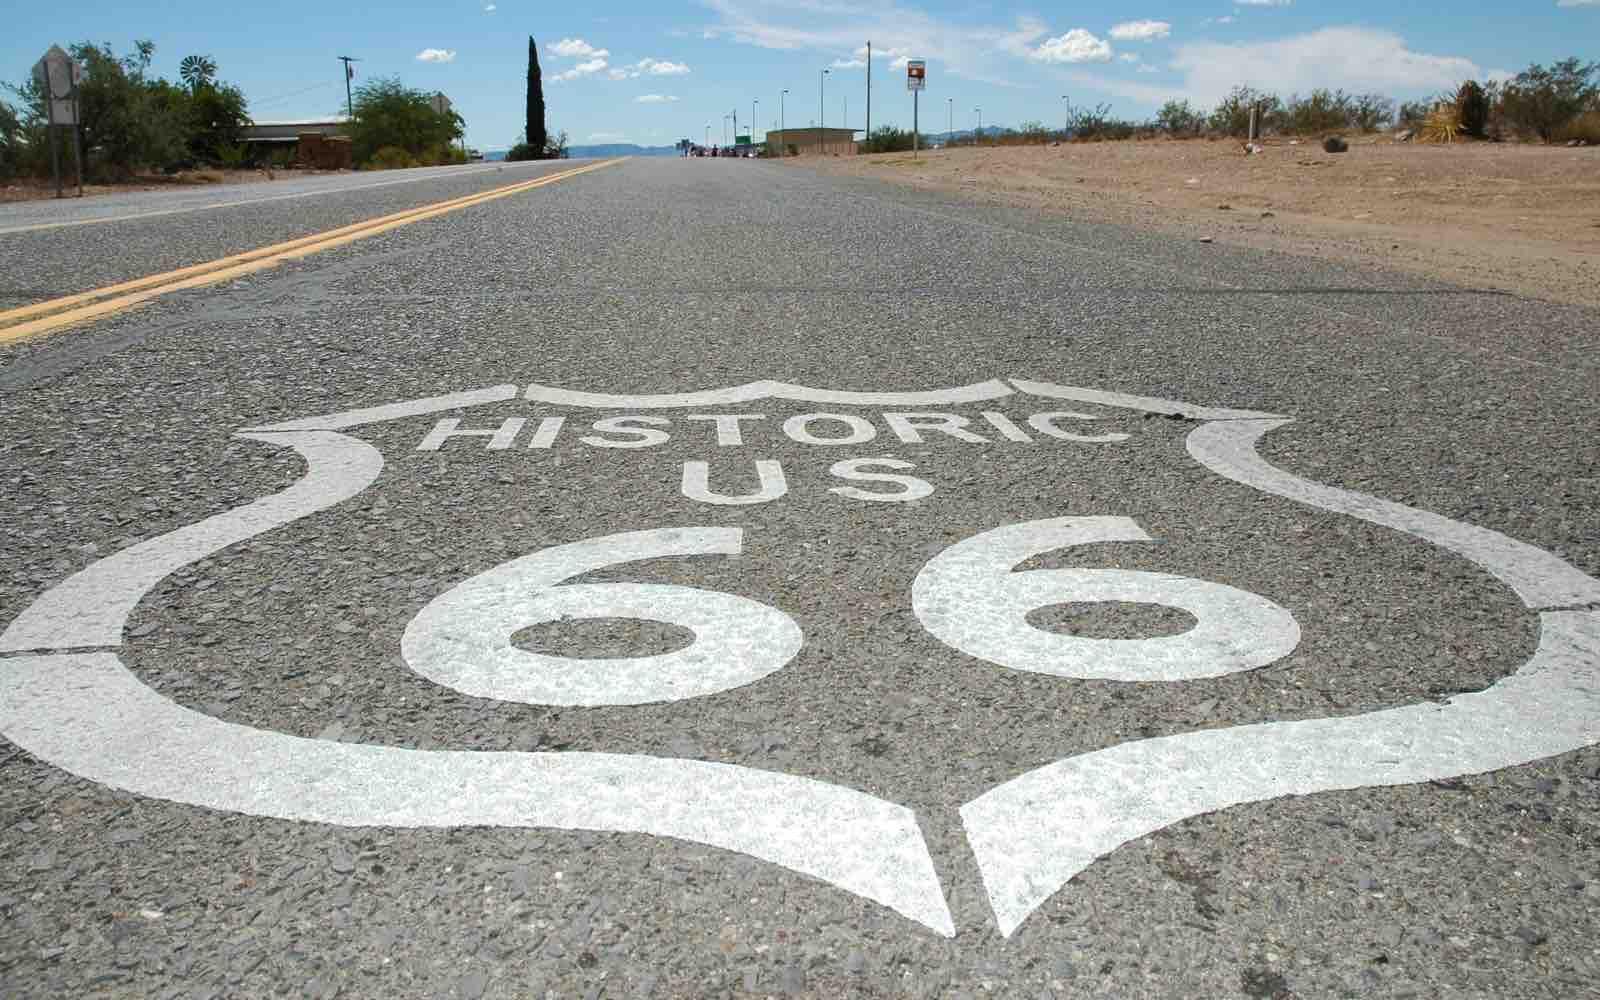 Bli med på Route 66 – et eventyr gjennom USA